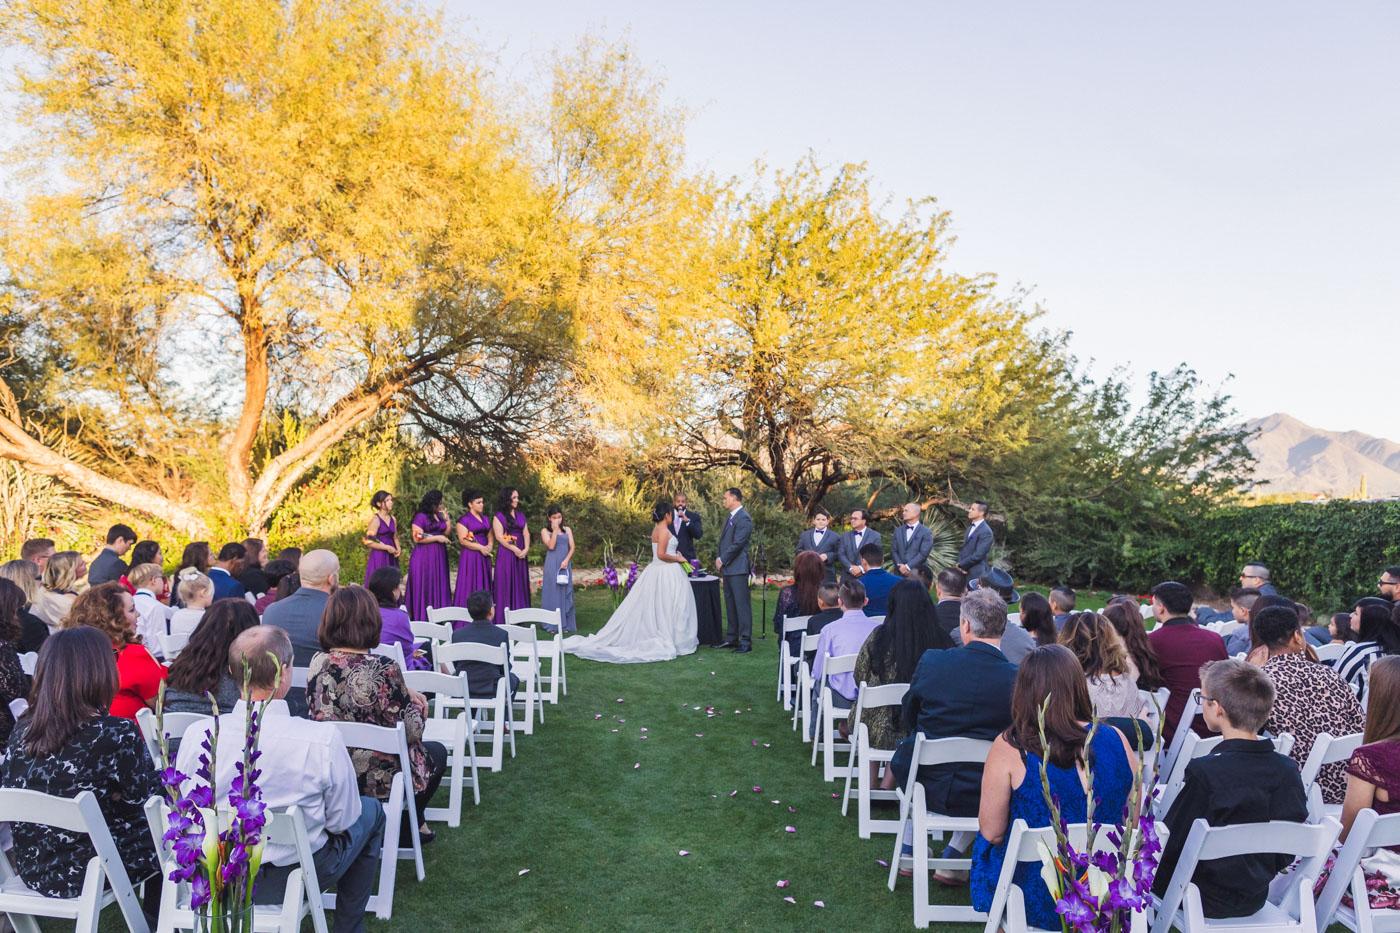 grayhawk-golf-club-wedding-ceremony